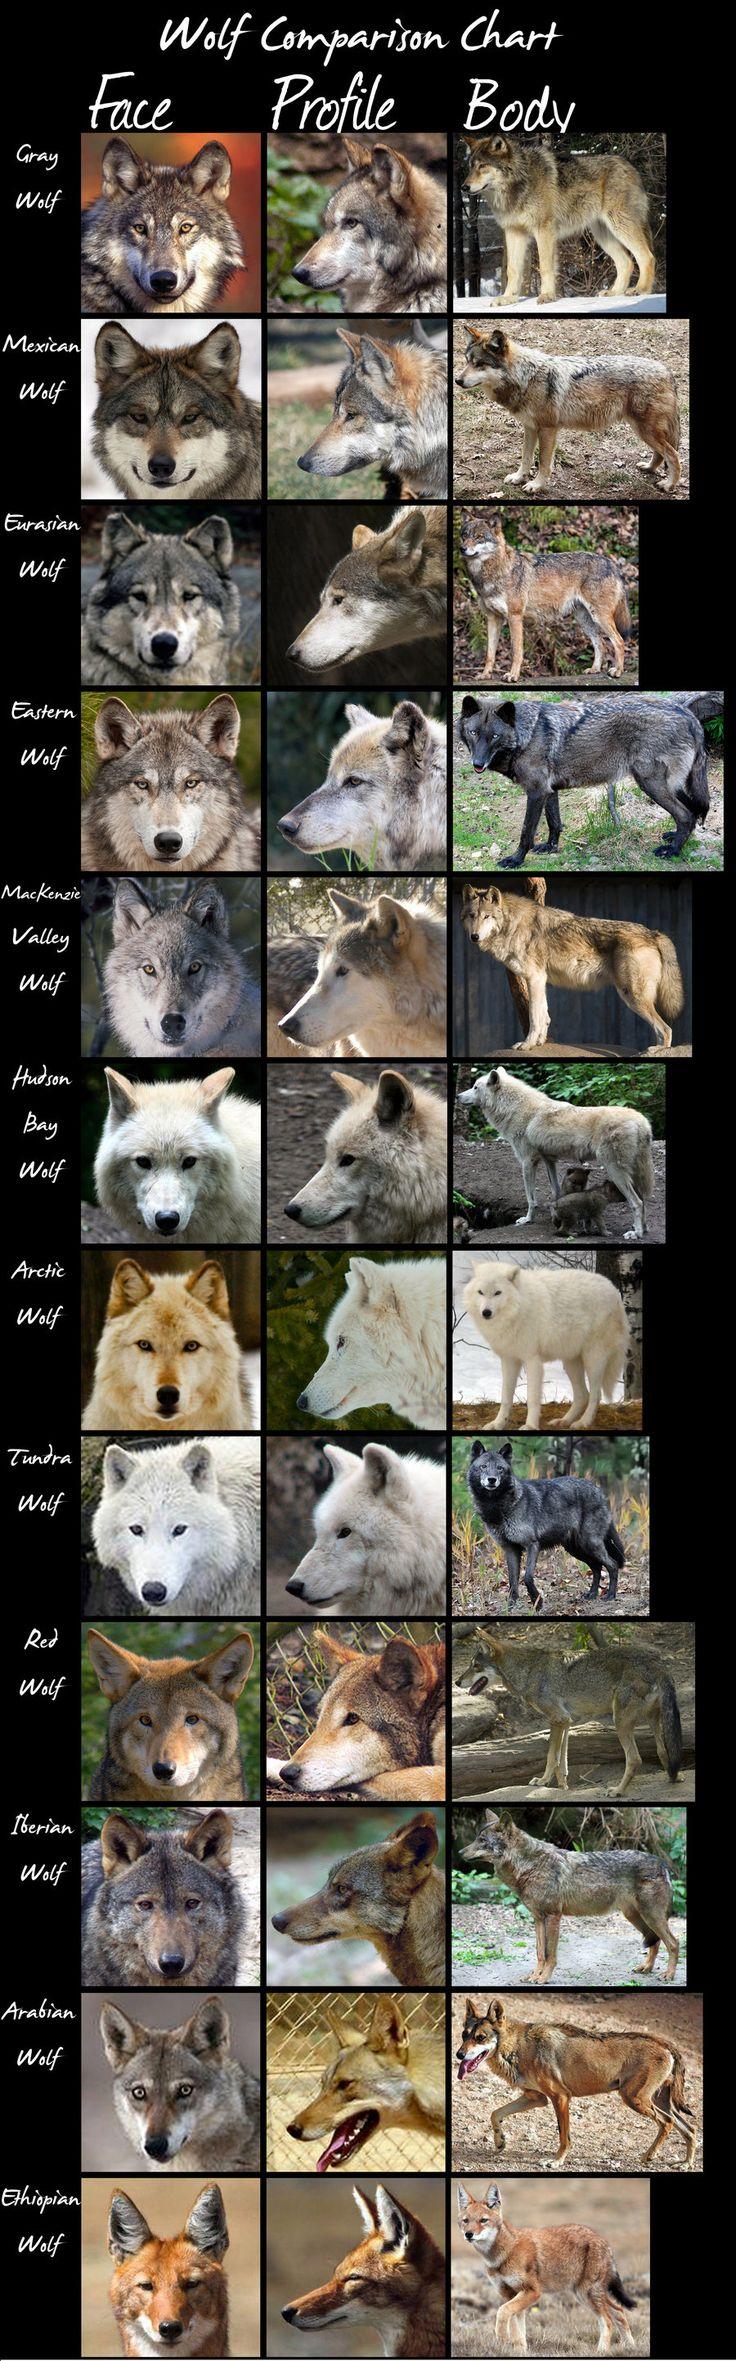 Wolf Comparison Chart-HUGE by HDevers.deviantart.com on @deviantART